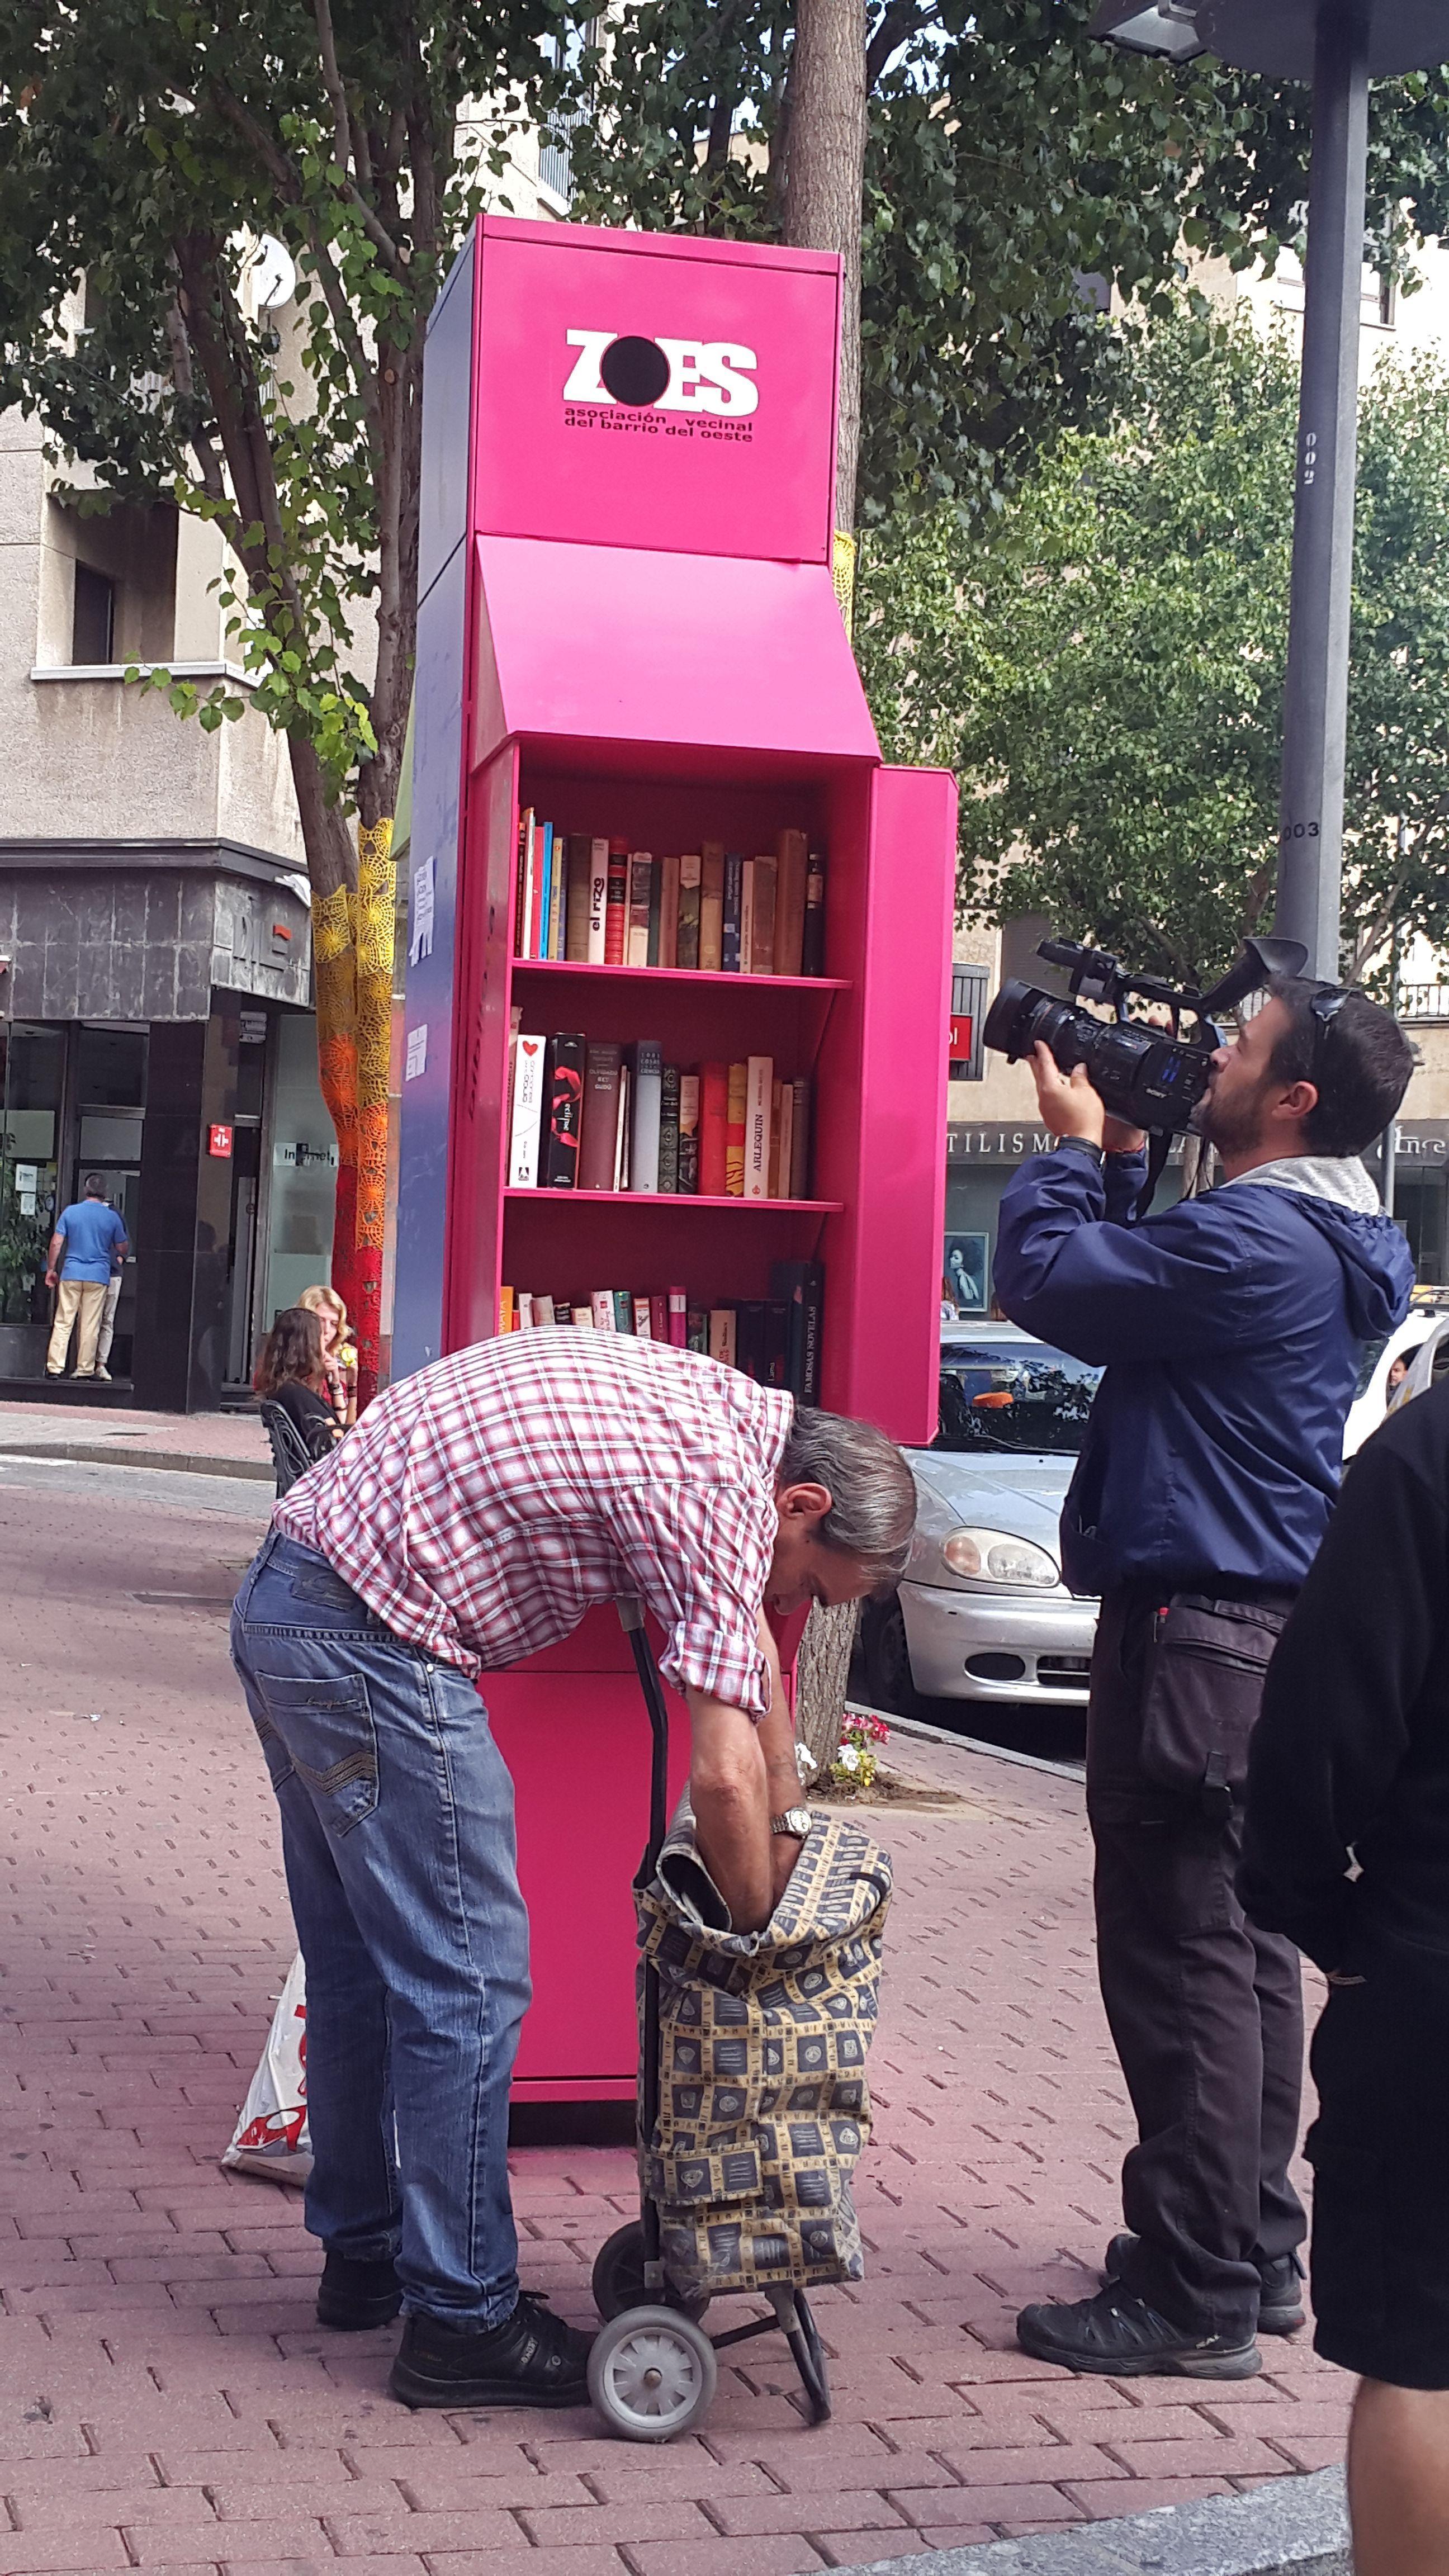 La 8 de Castilla y León en Salamanca graba la Bibliocabina